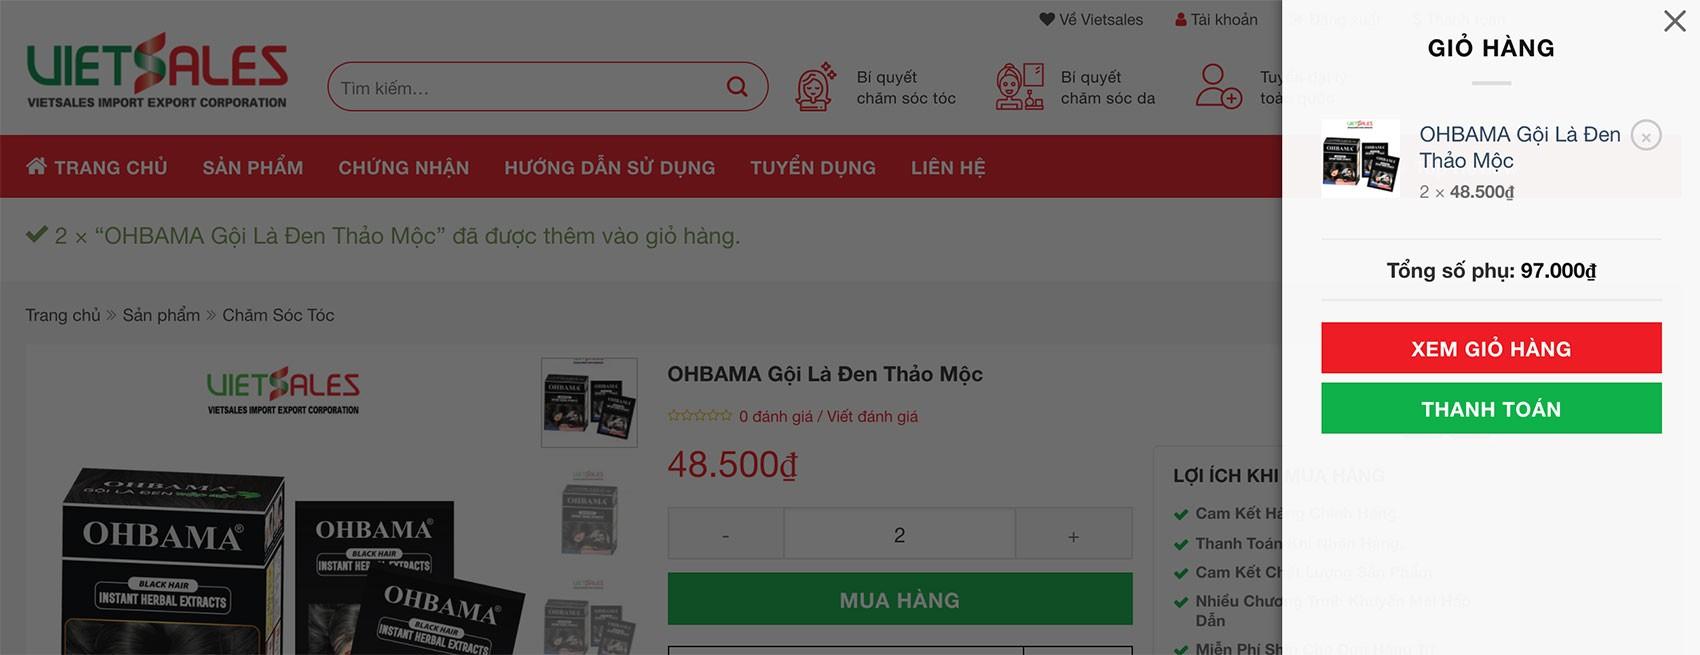 Hướng-dẫn-mua-hàng-Viet-Sales-4